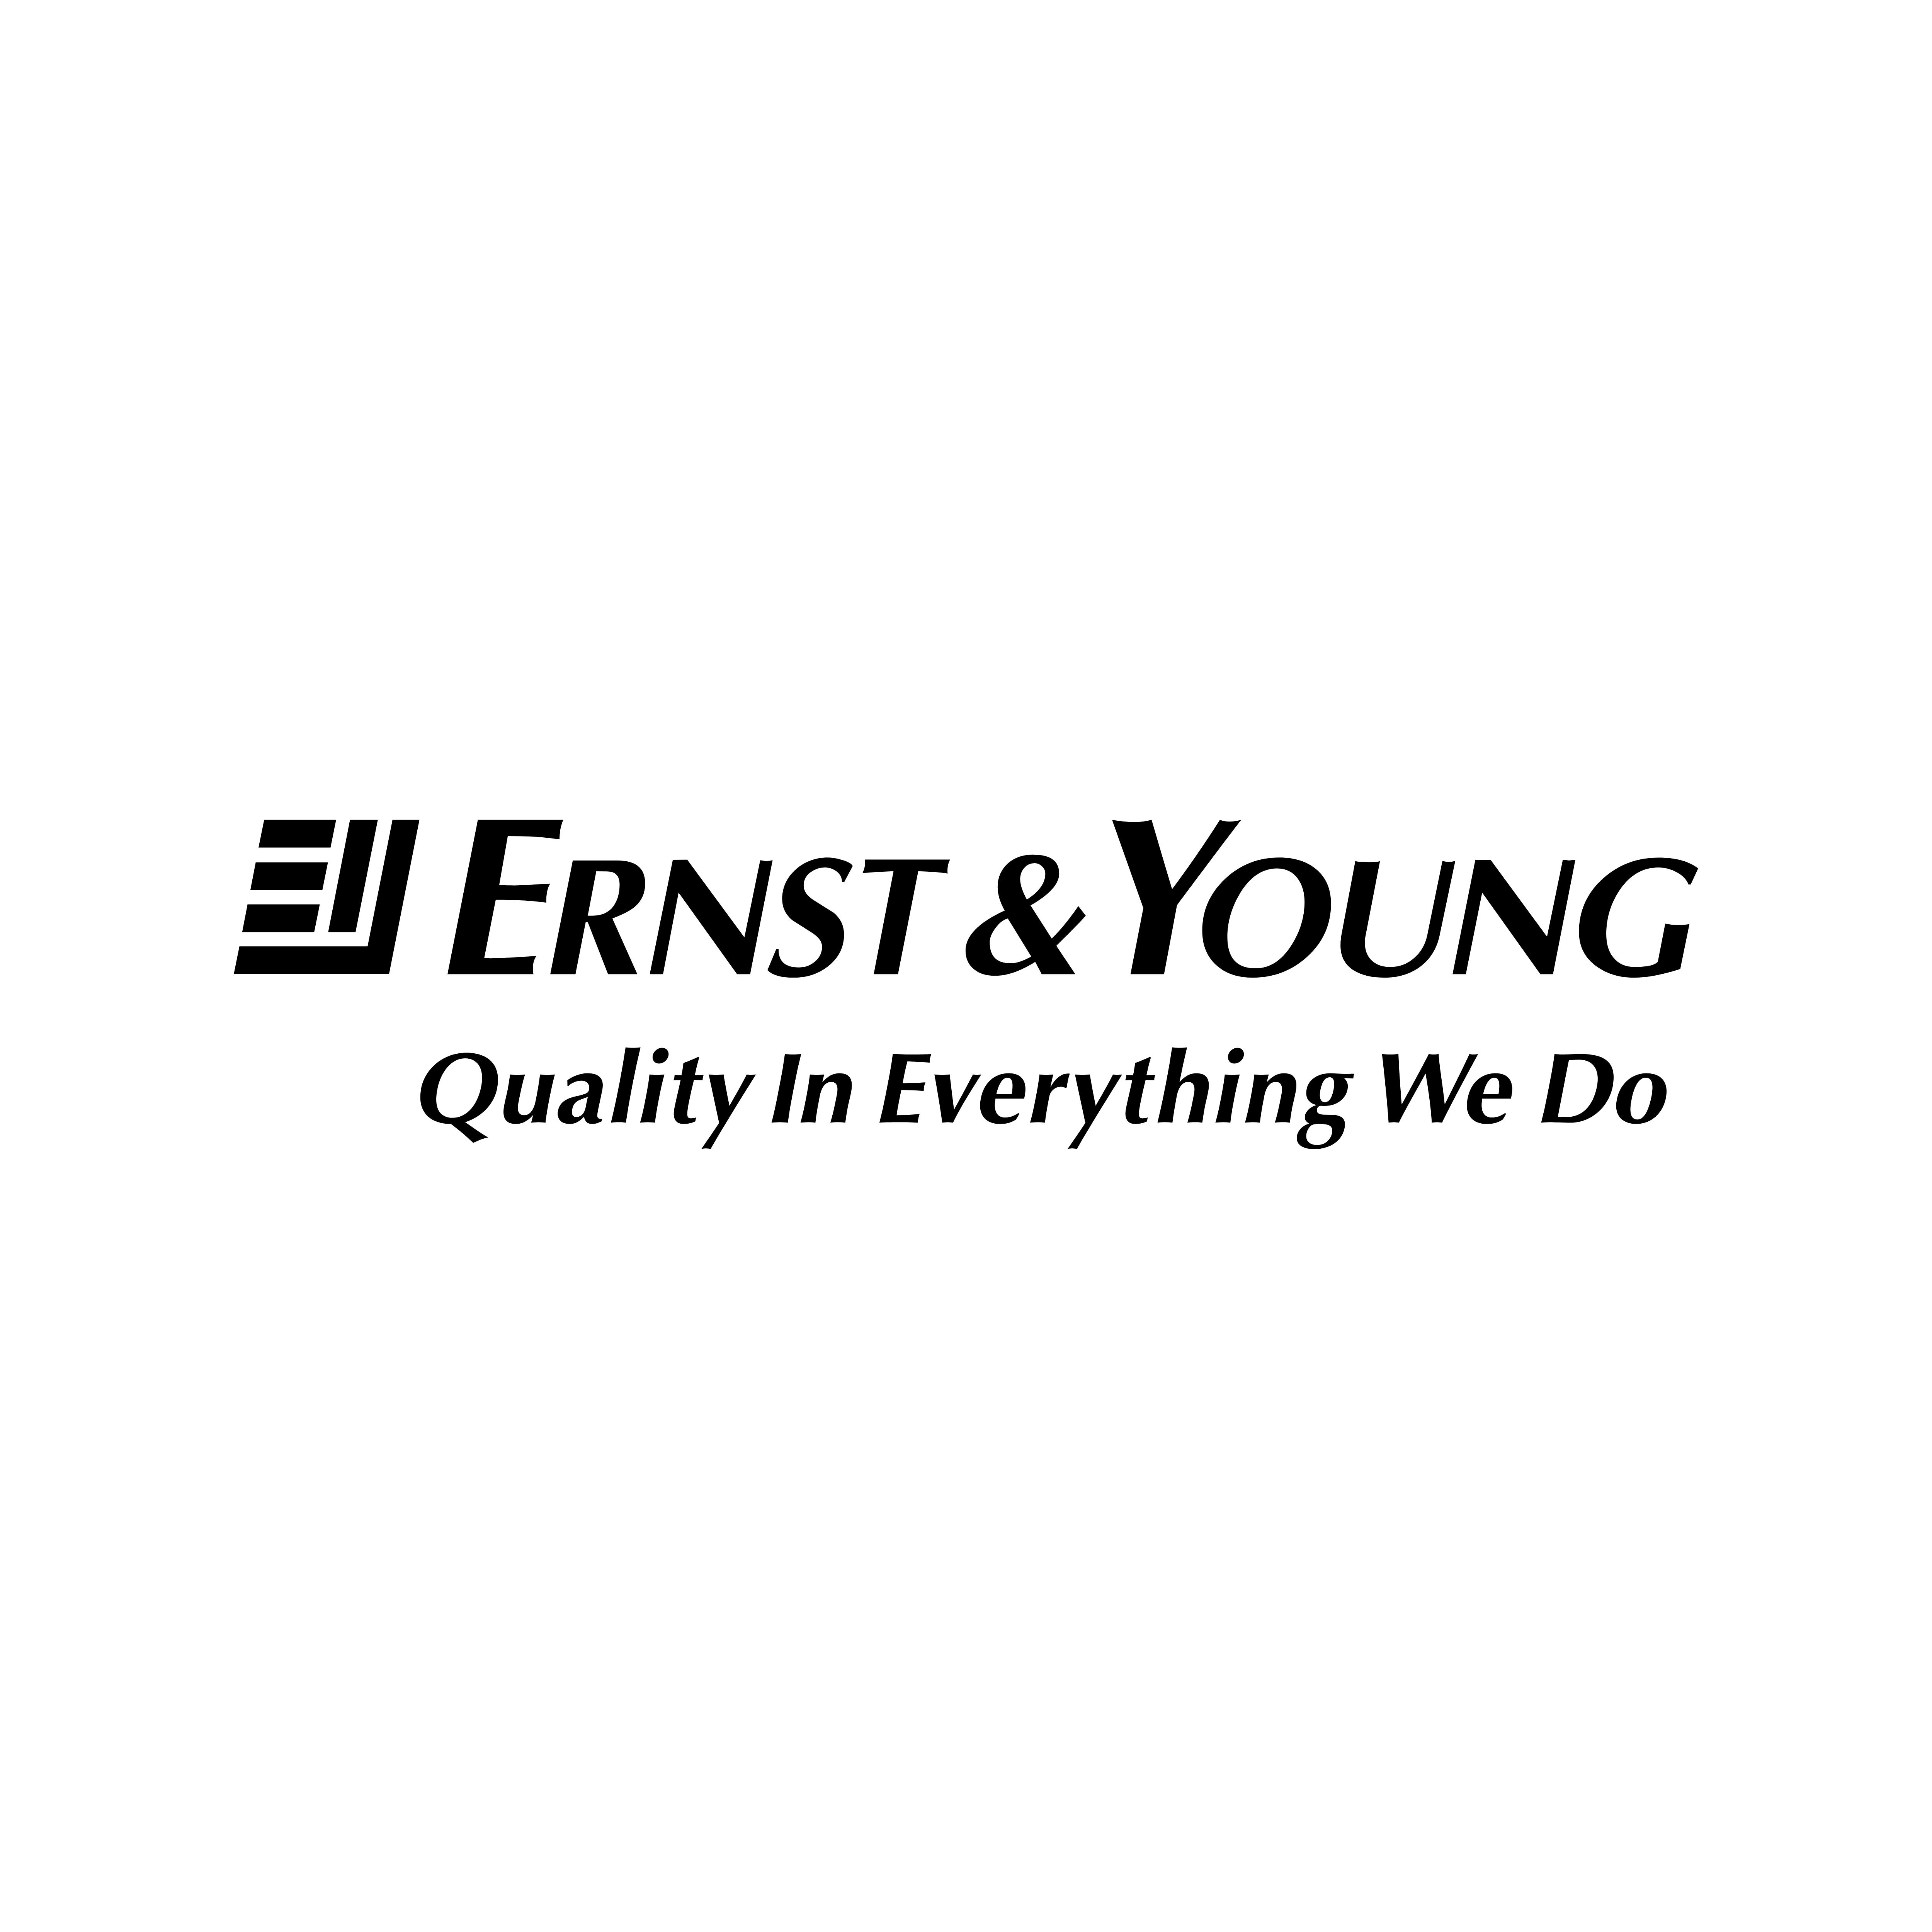 Ey Logos Download